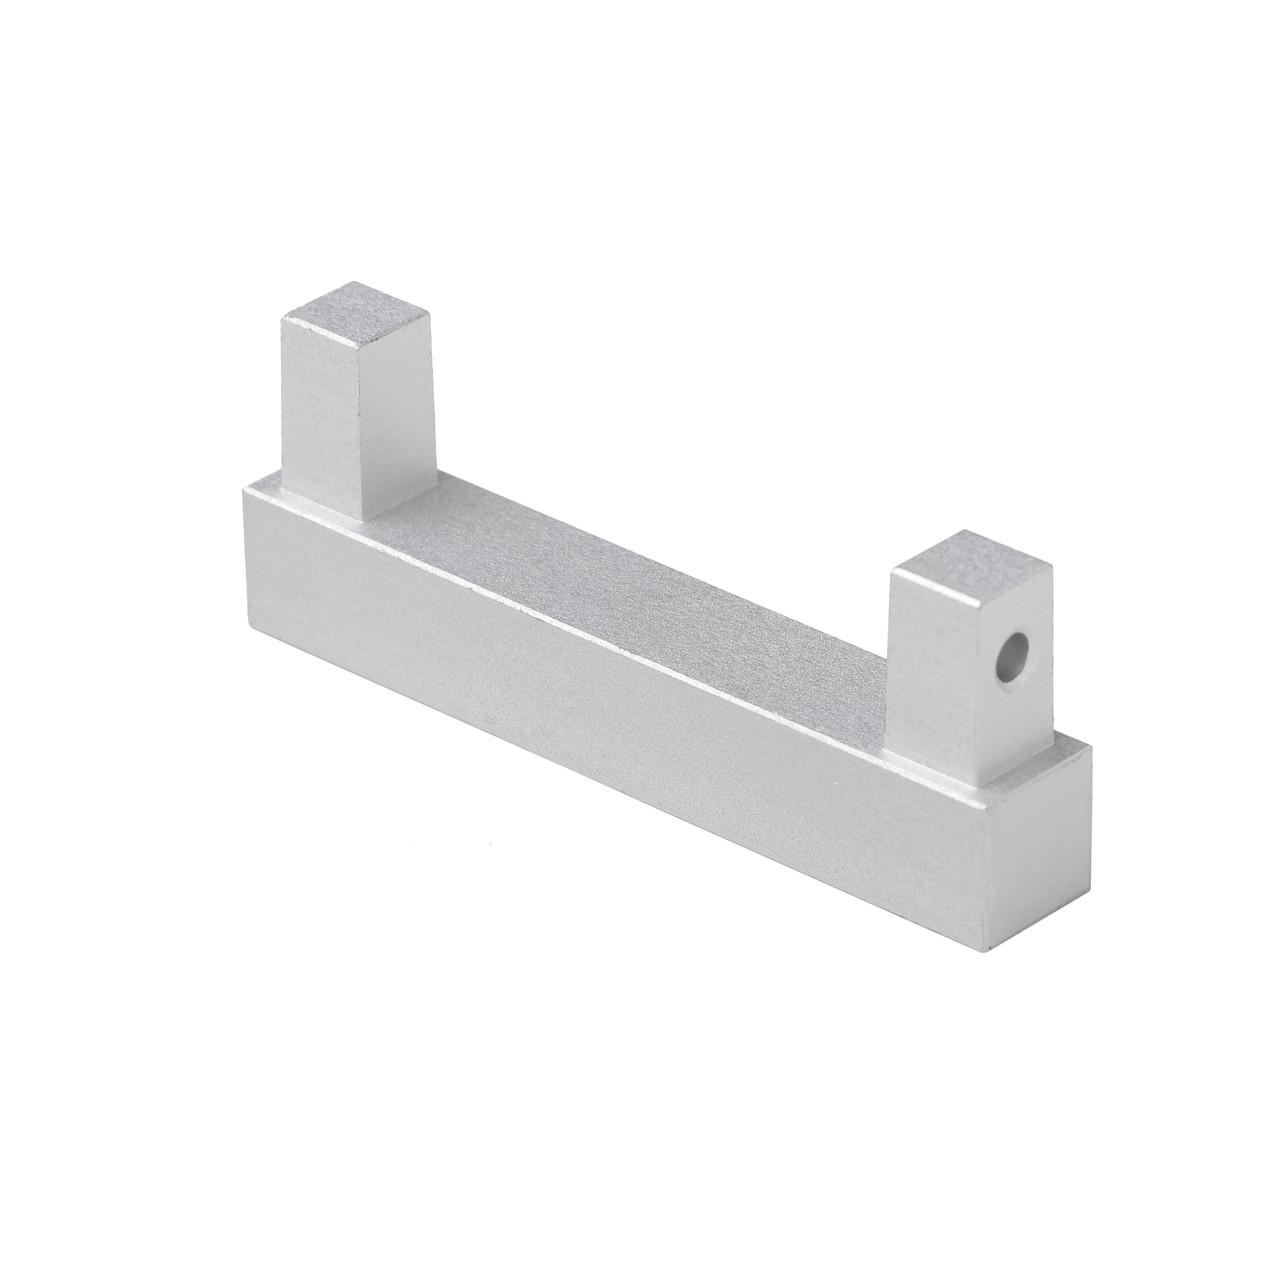 Заглушка для плінтуса алюмінієва 40 мм Profilpas 89/4 (89/ЕІ)